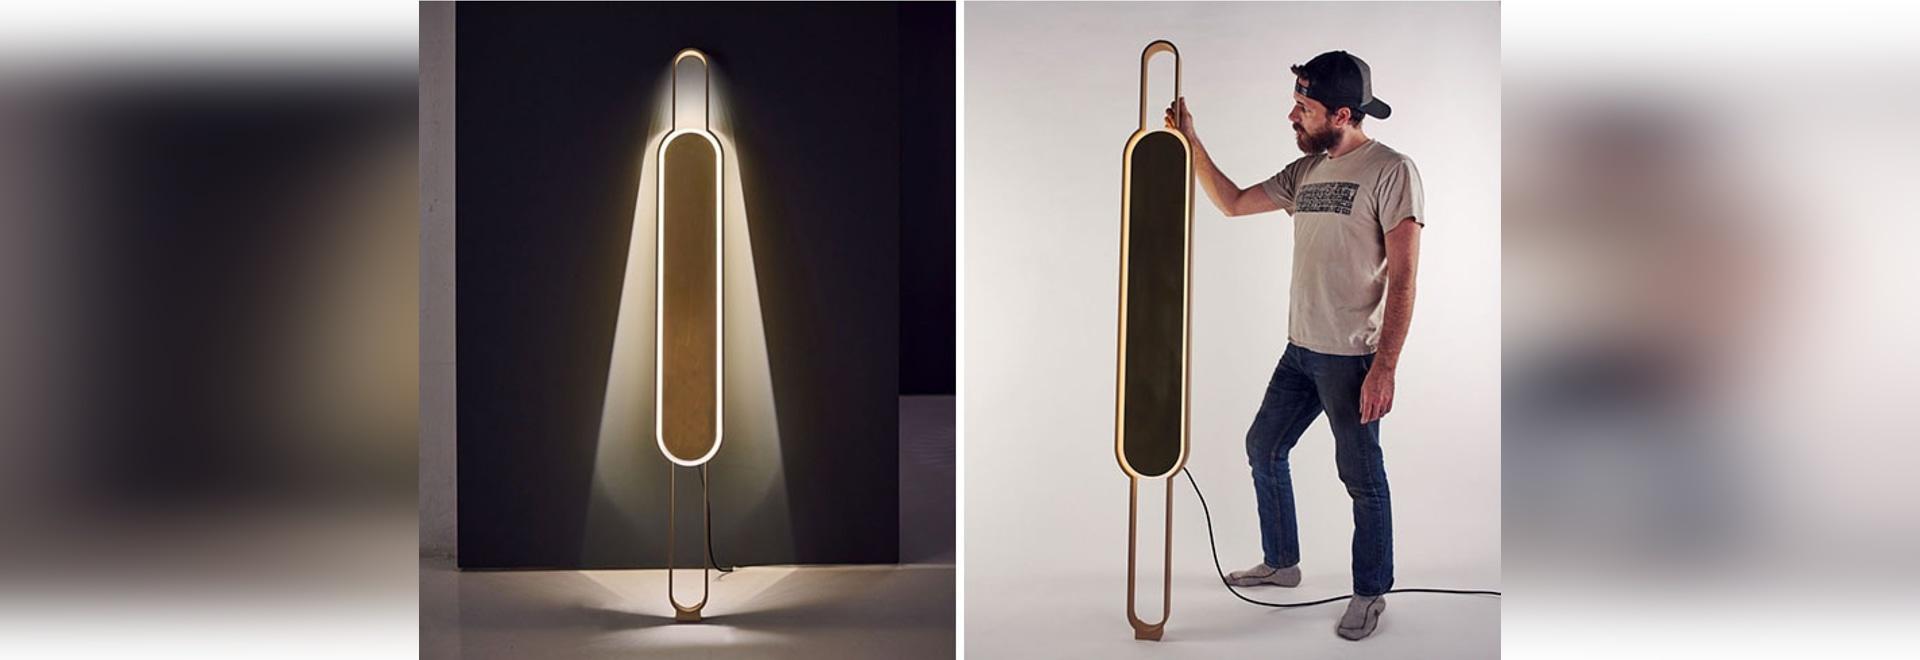 Il portale è una lampada che è nè un riparo nè una luce del pavimento, ma può fungere da entrambi